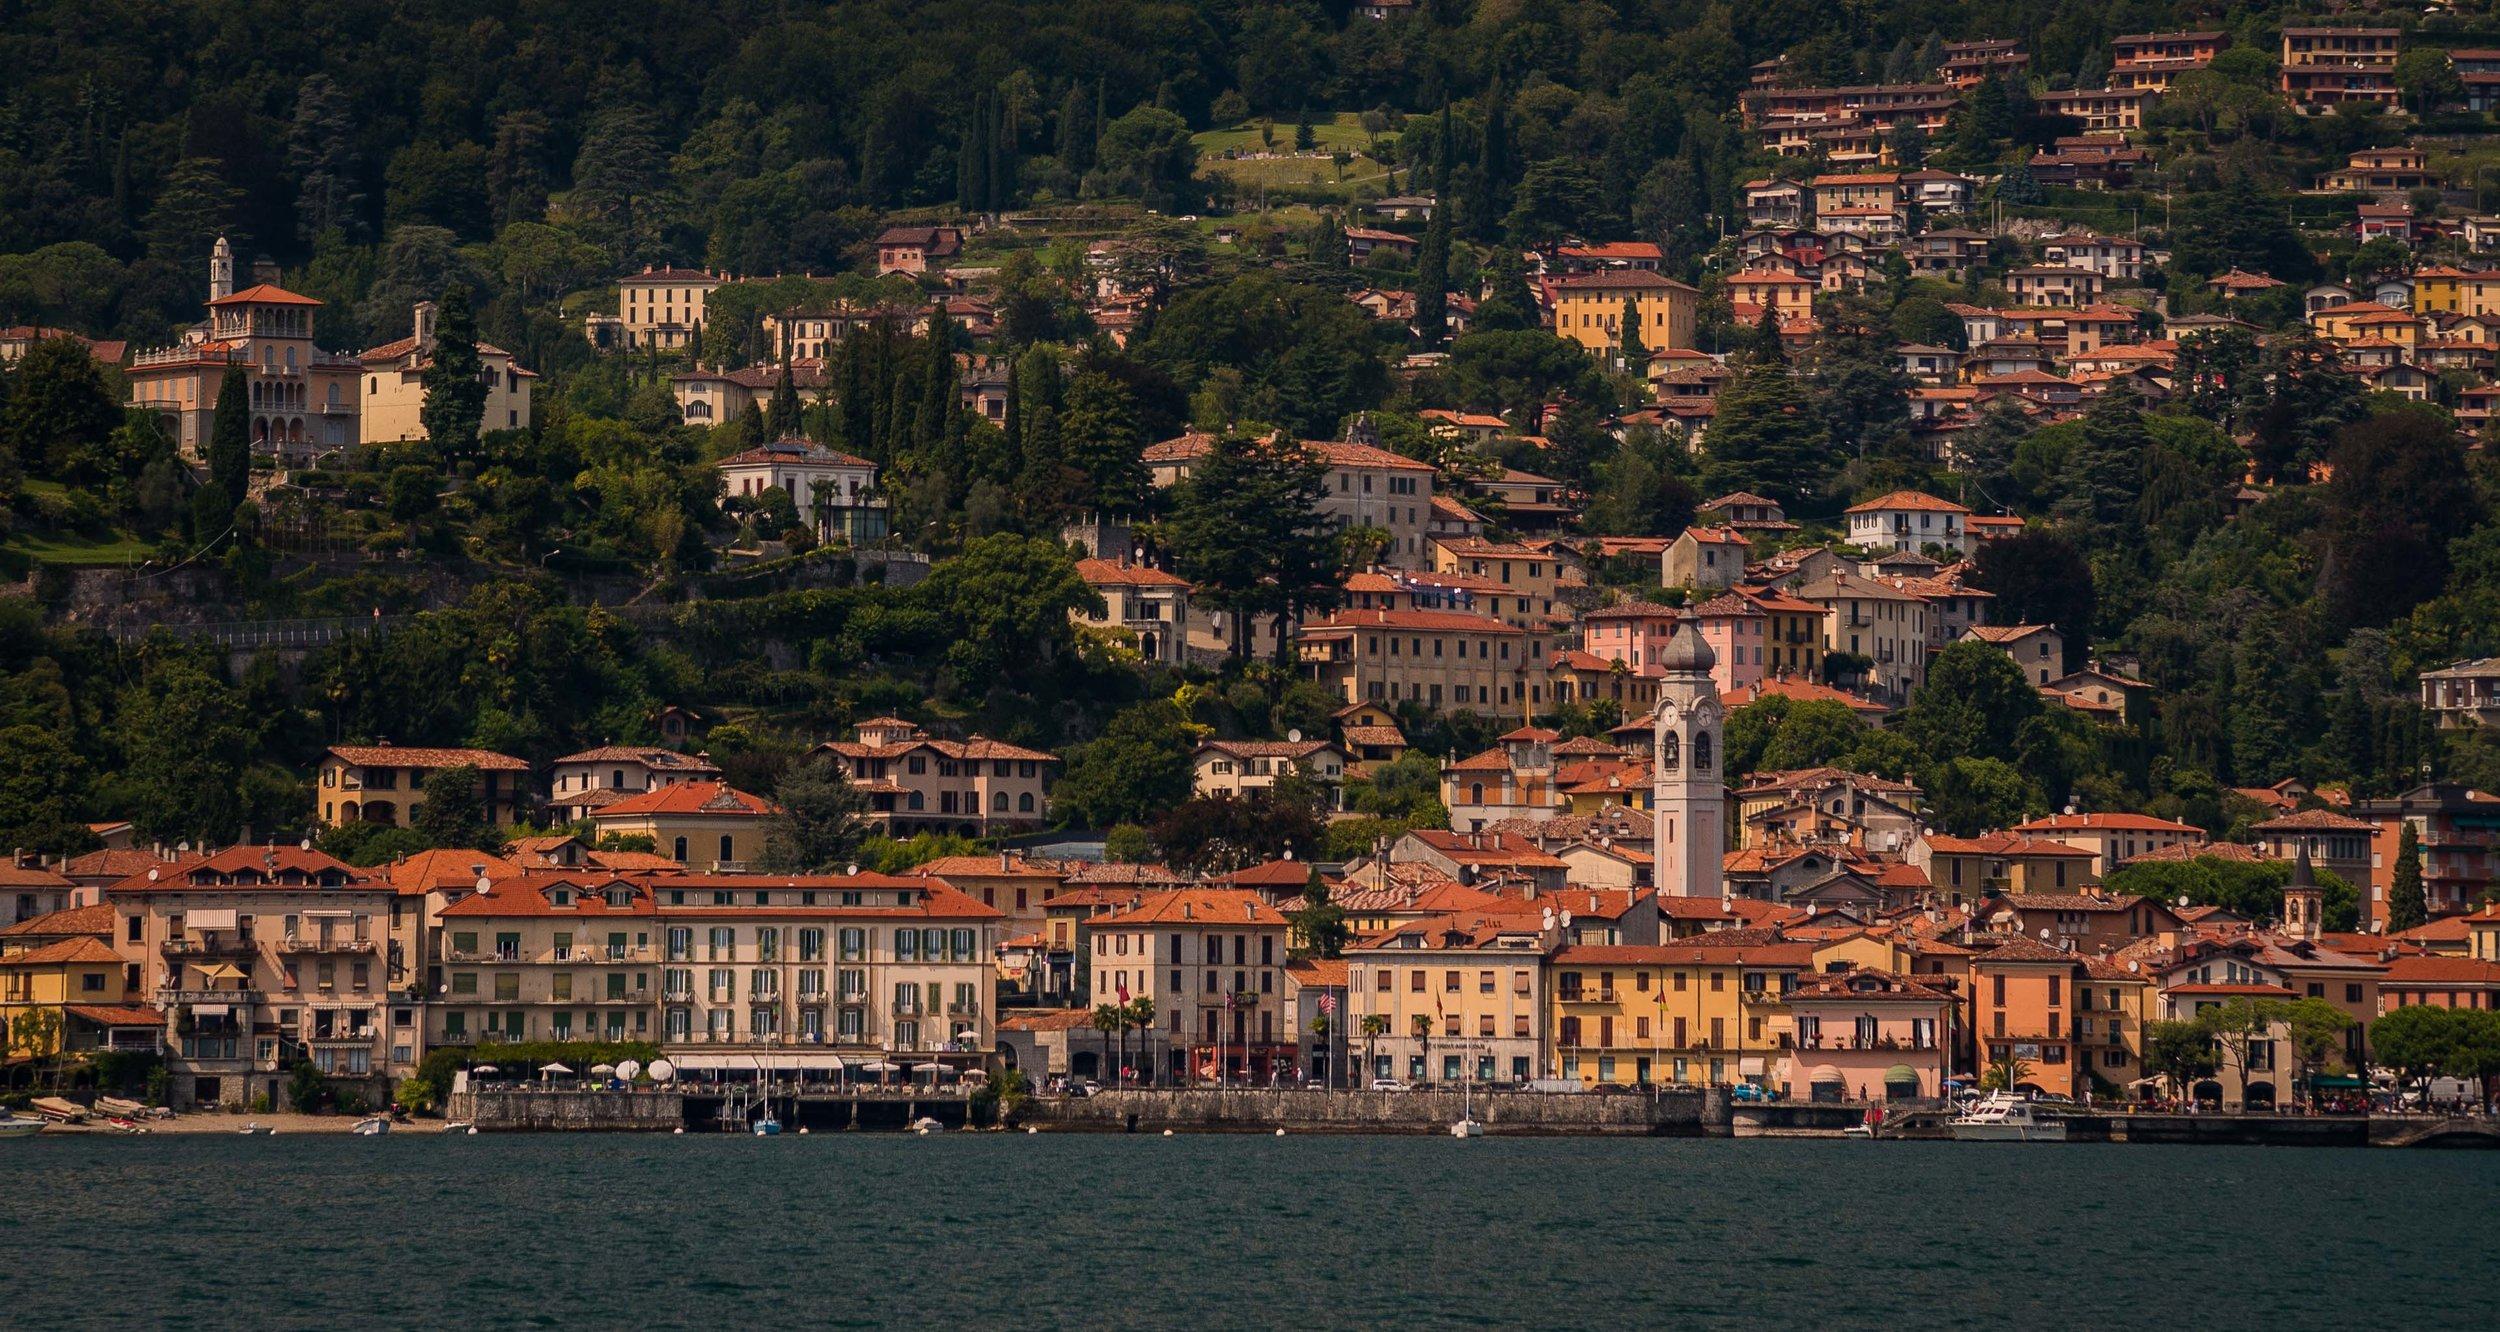 Varenna. Lake Como, Italy 2017